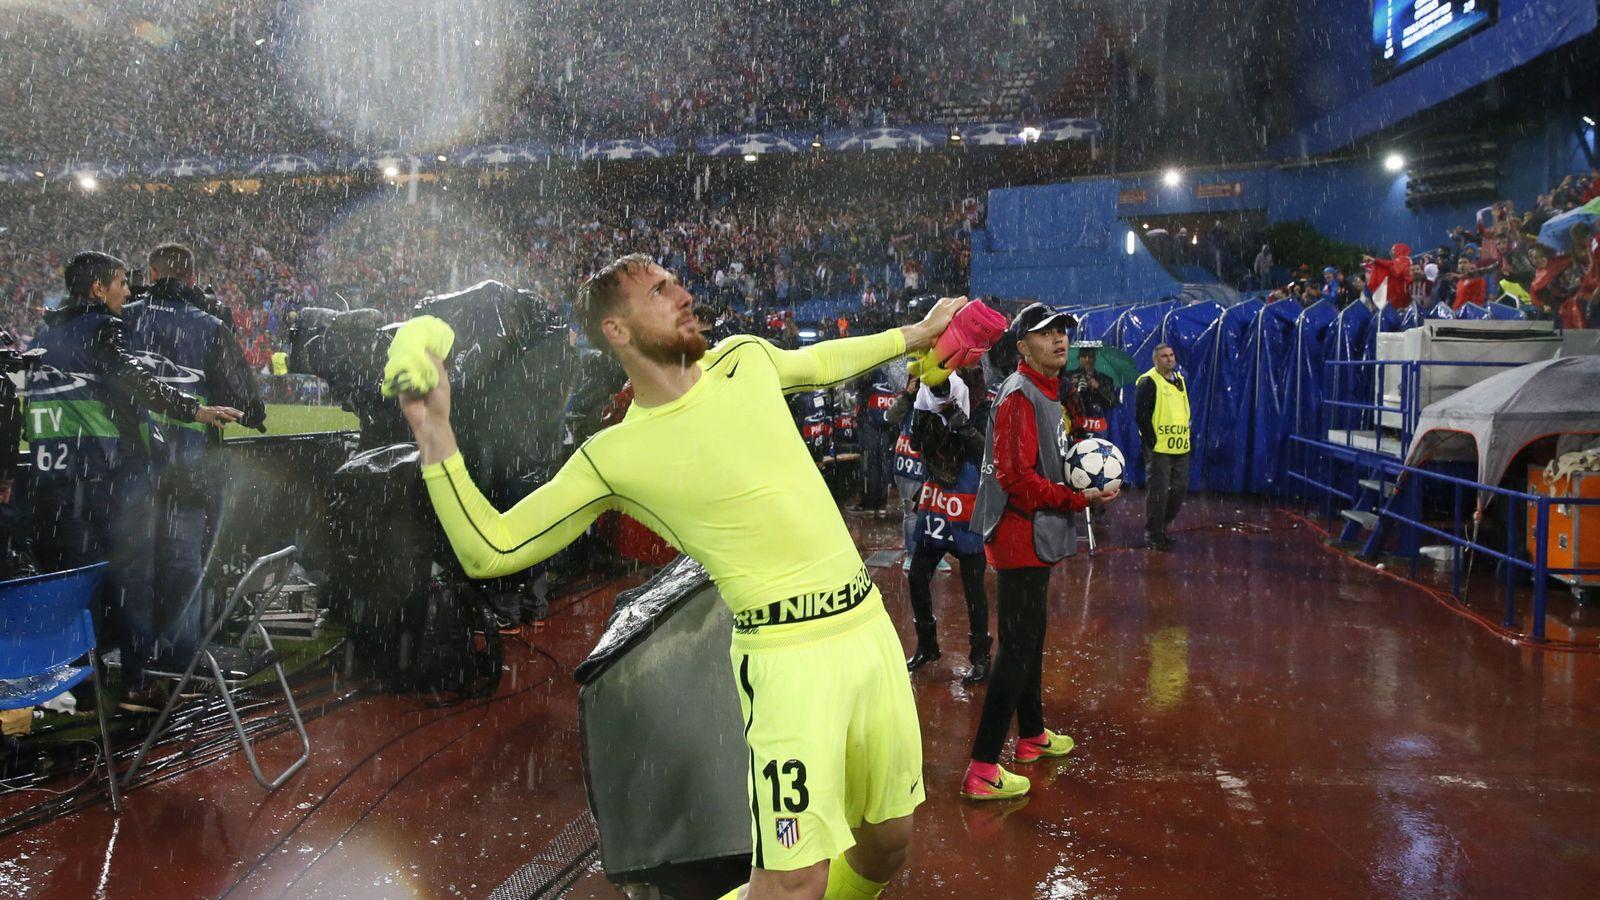 LaLiga Santander  Dónde acaba la camiseta de un futbolista  de la barra  libre del Barça al límite del Atlético. Noticias de Fútbol c262d1a7102